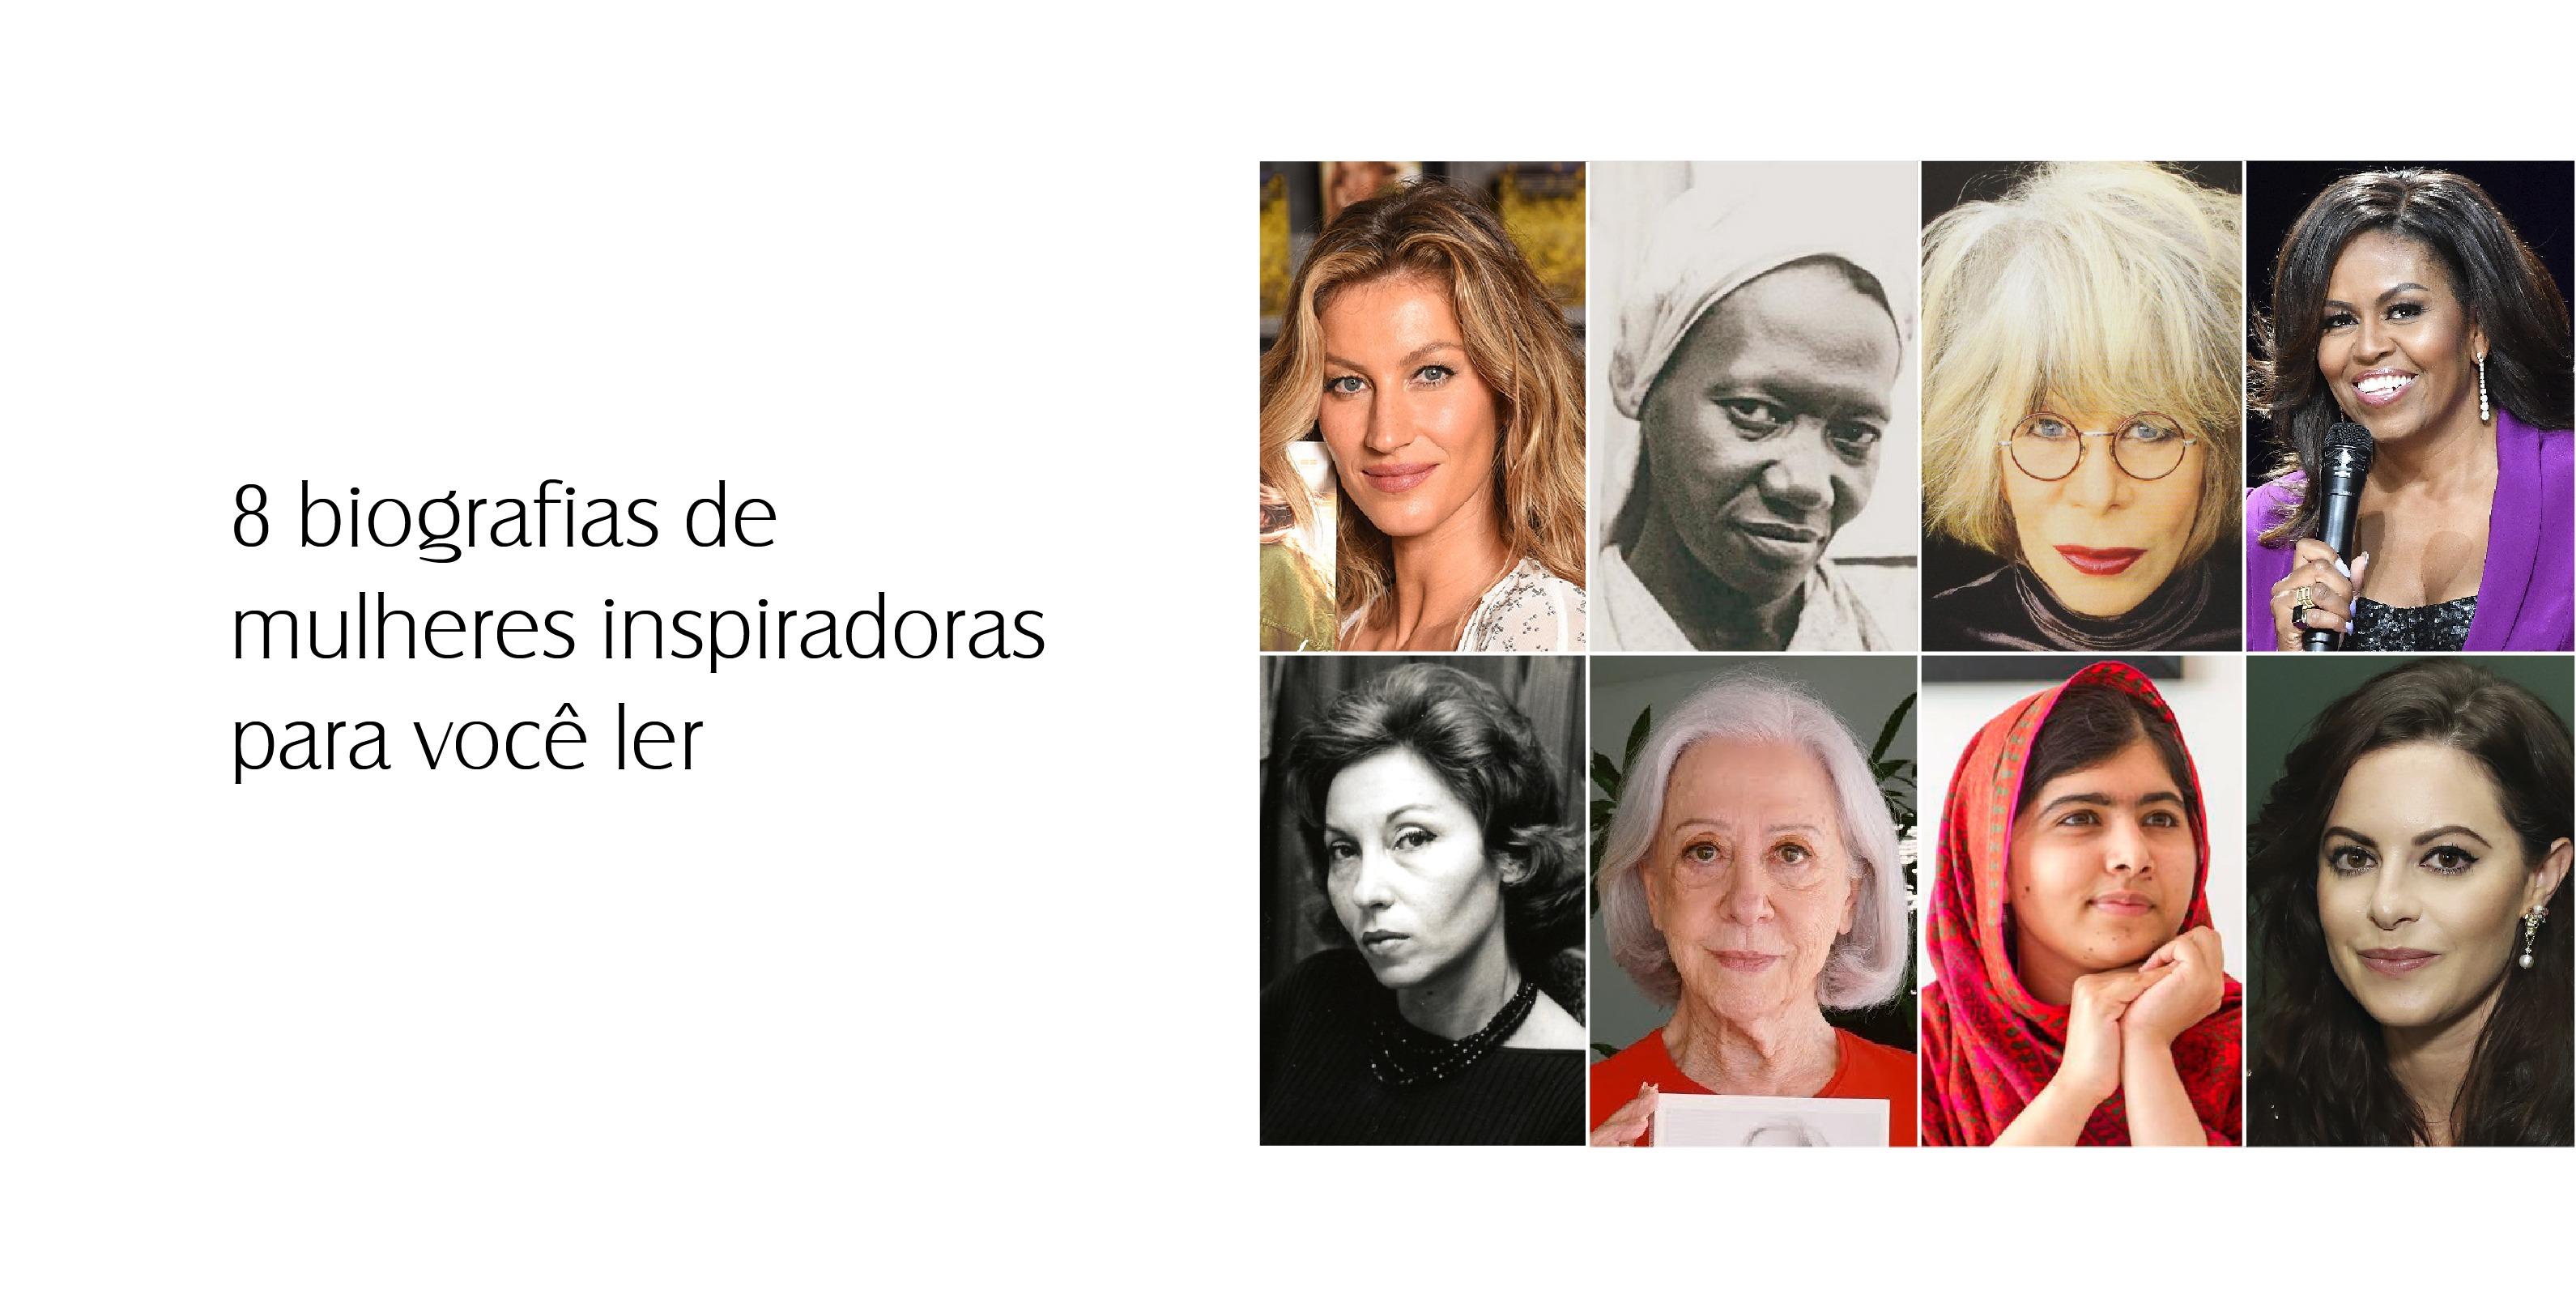 biografias de mulheres inspiradoras